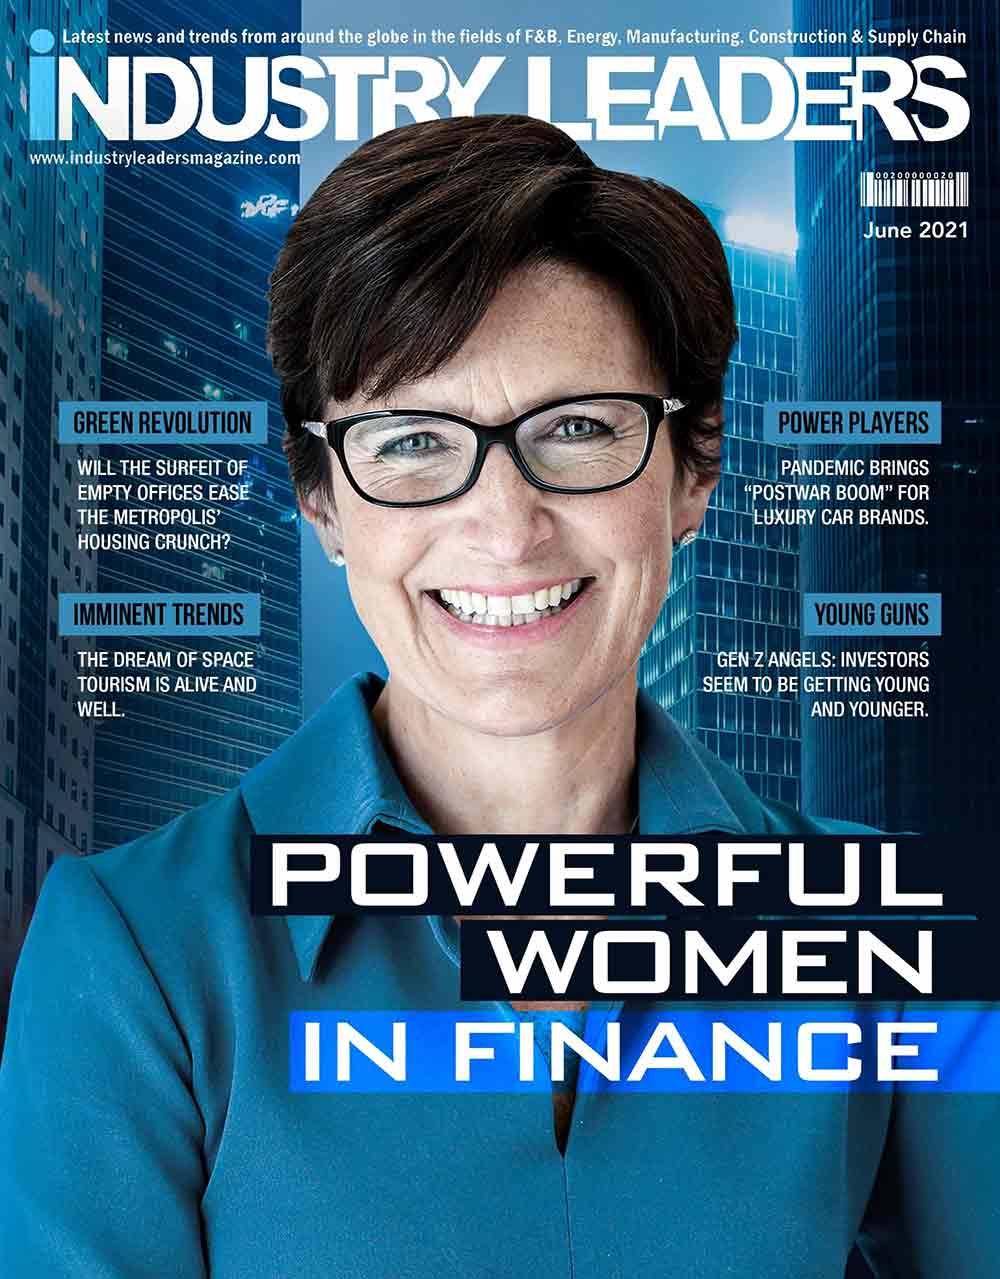 Powerful Women in Finance